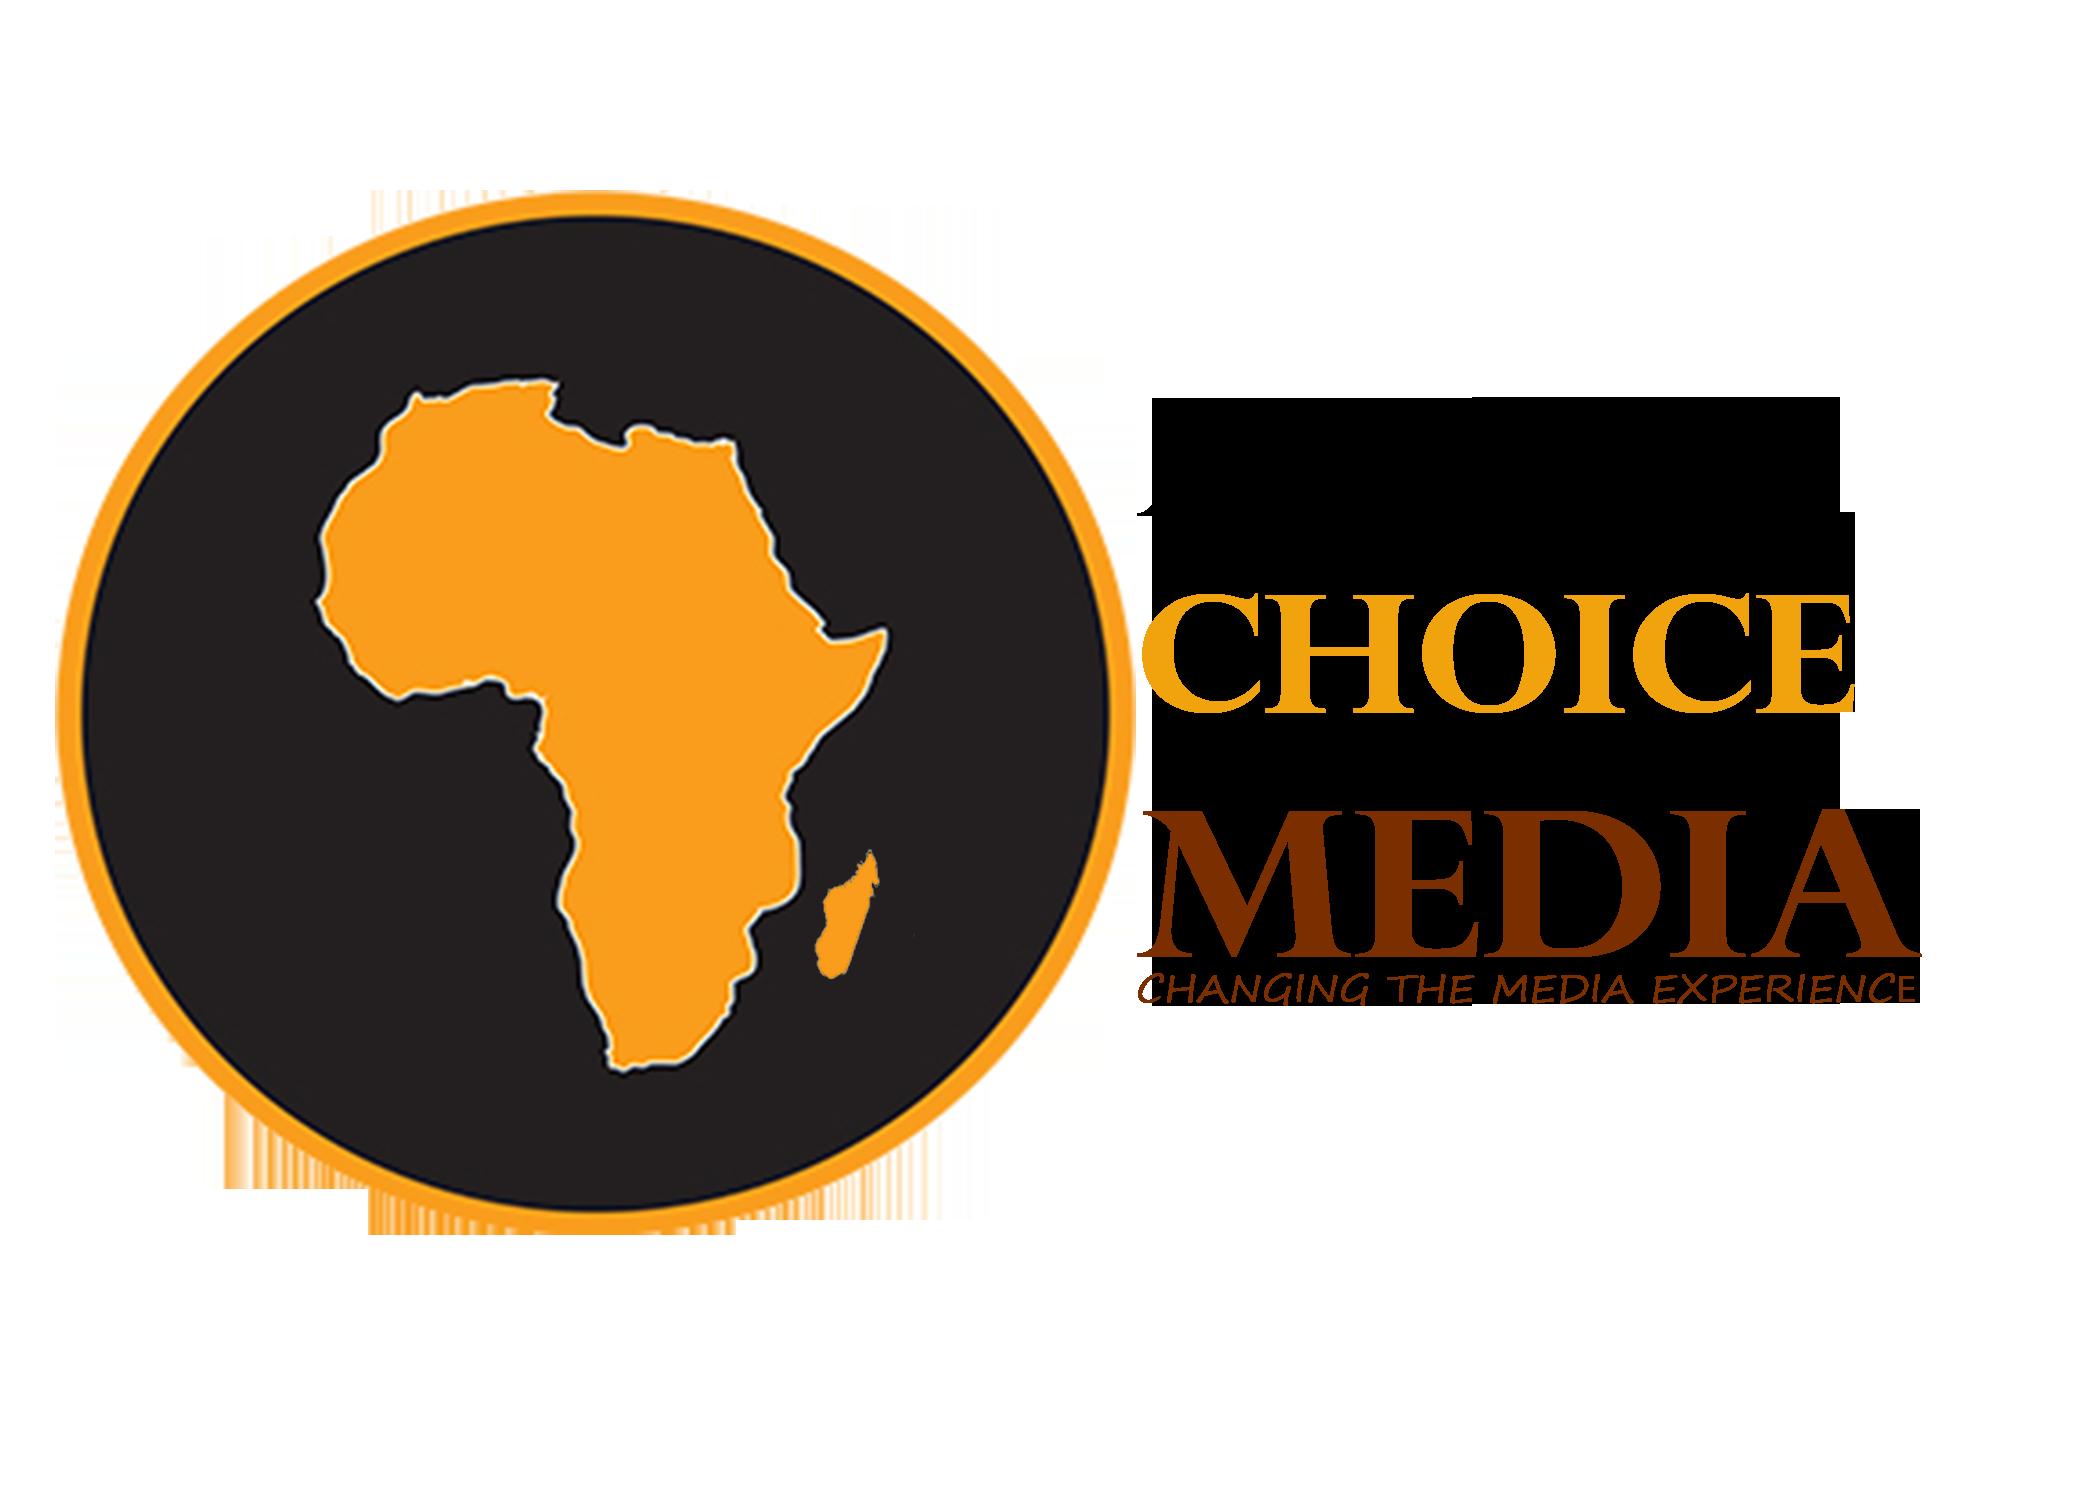 Africa Choice Media